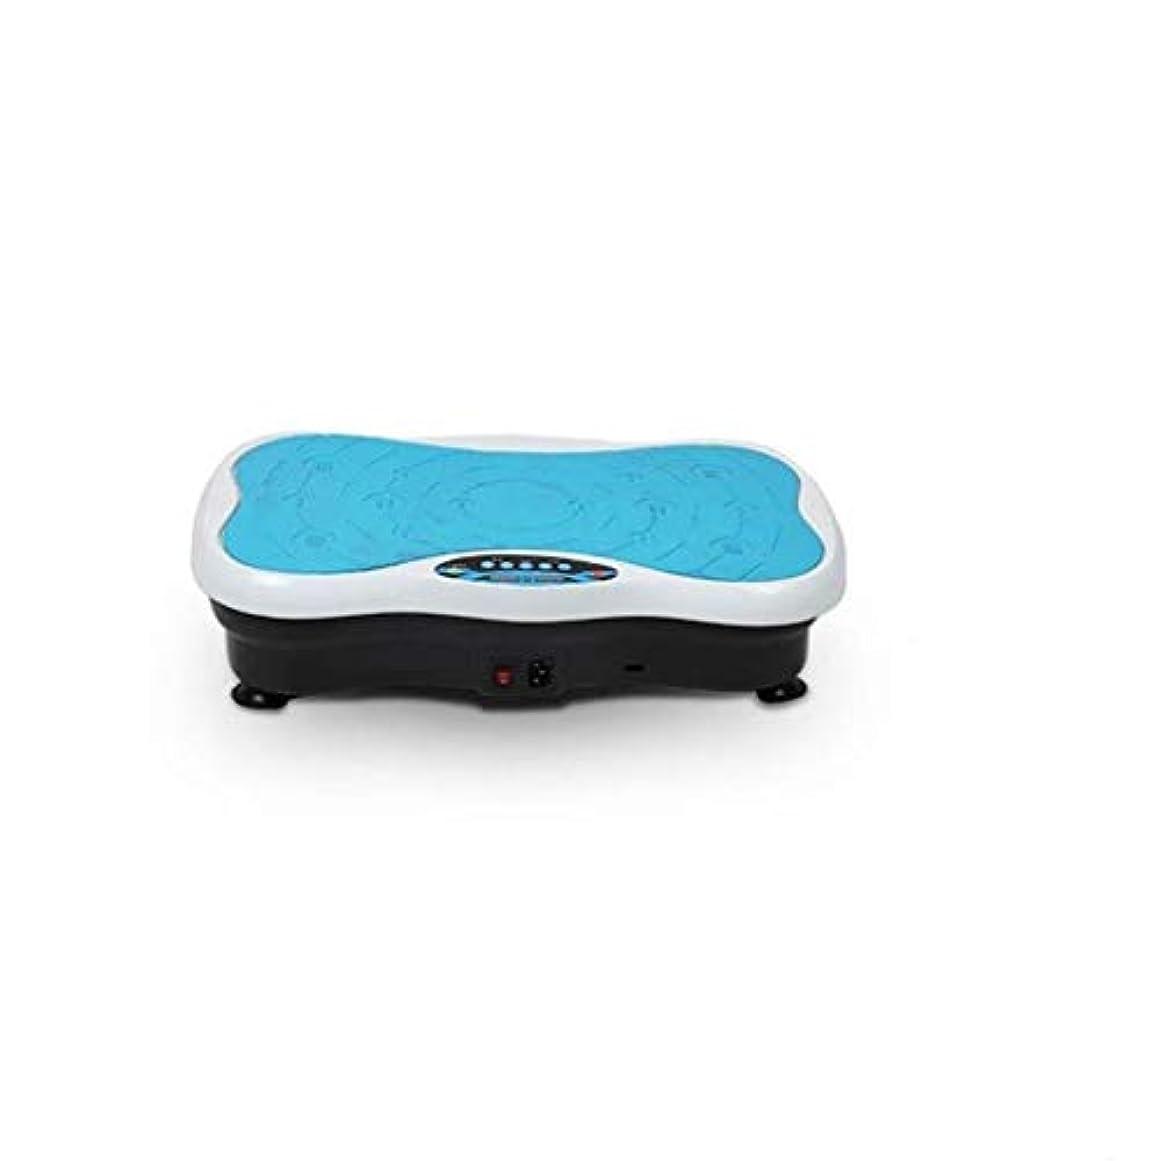 壮大批判的に突き出す3D電気減量マシン、振動フィットネストレーナー、ホームオフィスの脂肪燃焼マッサージ装置 (Color : 青)